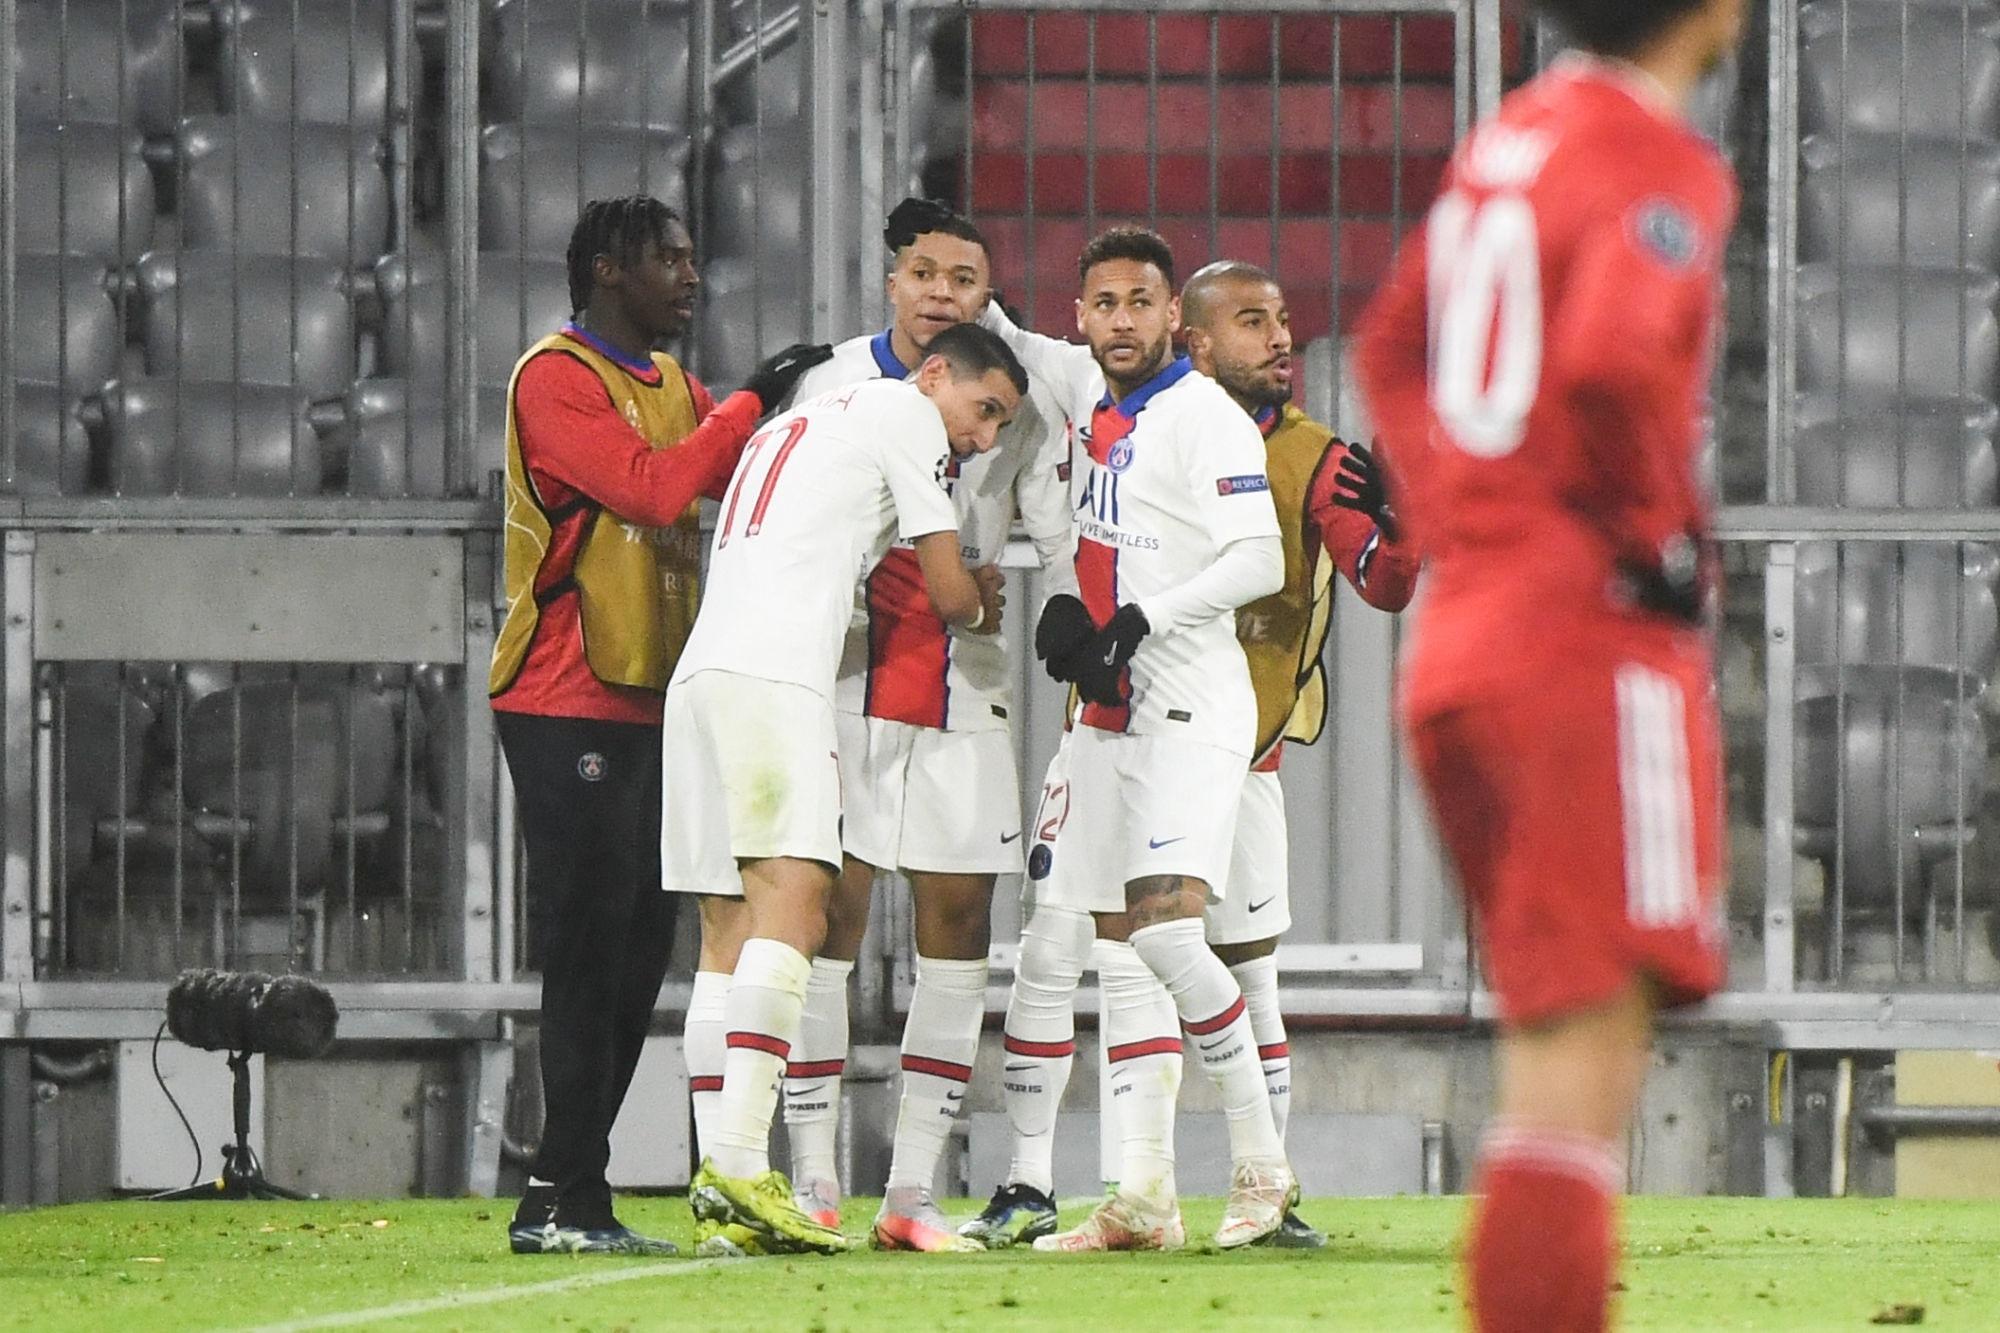 Bayern/PSG - Les notes des Parisiens dans la presse : des piliers et des déceptions